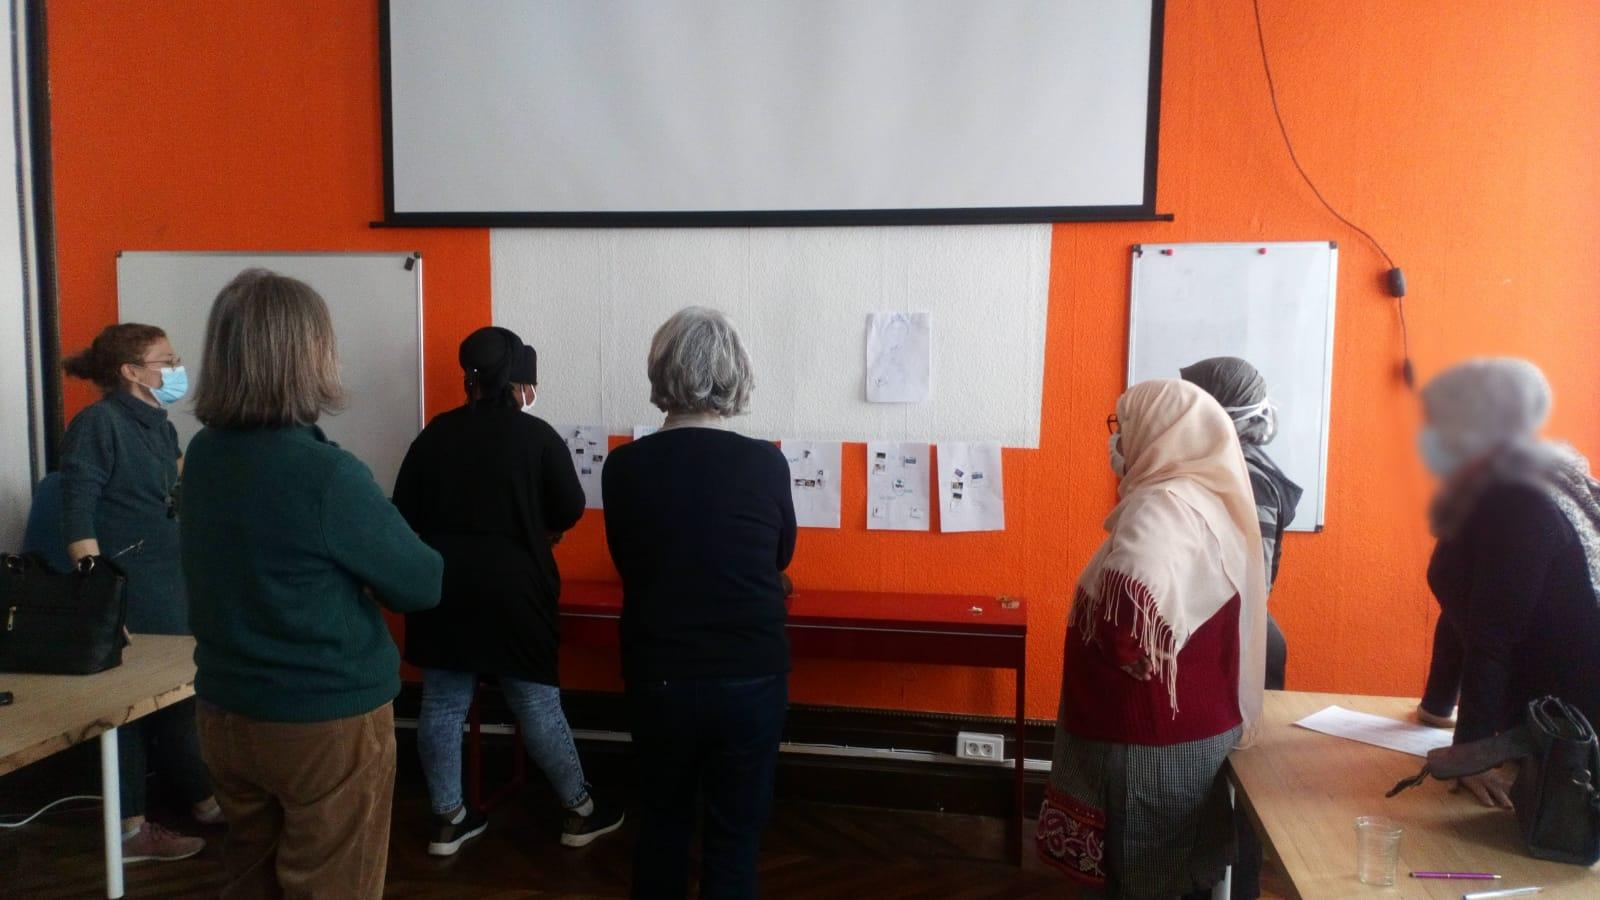 atelier français socioprofessionnel accompagnement femmes réfugié réfugiée bordeaux association odyssée